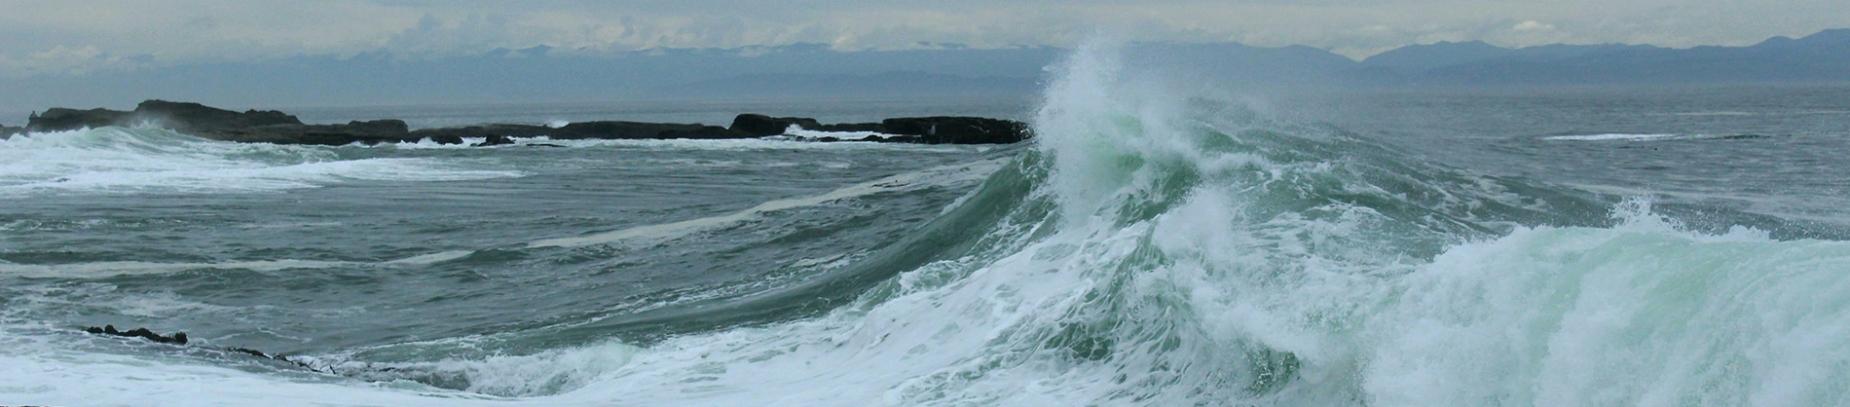 A wave crashing into the shore